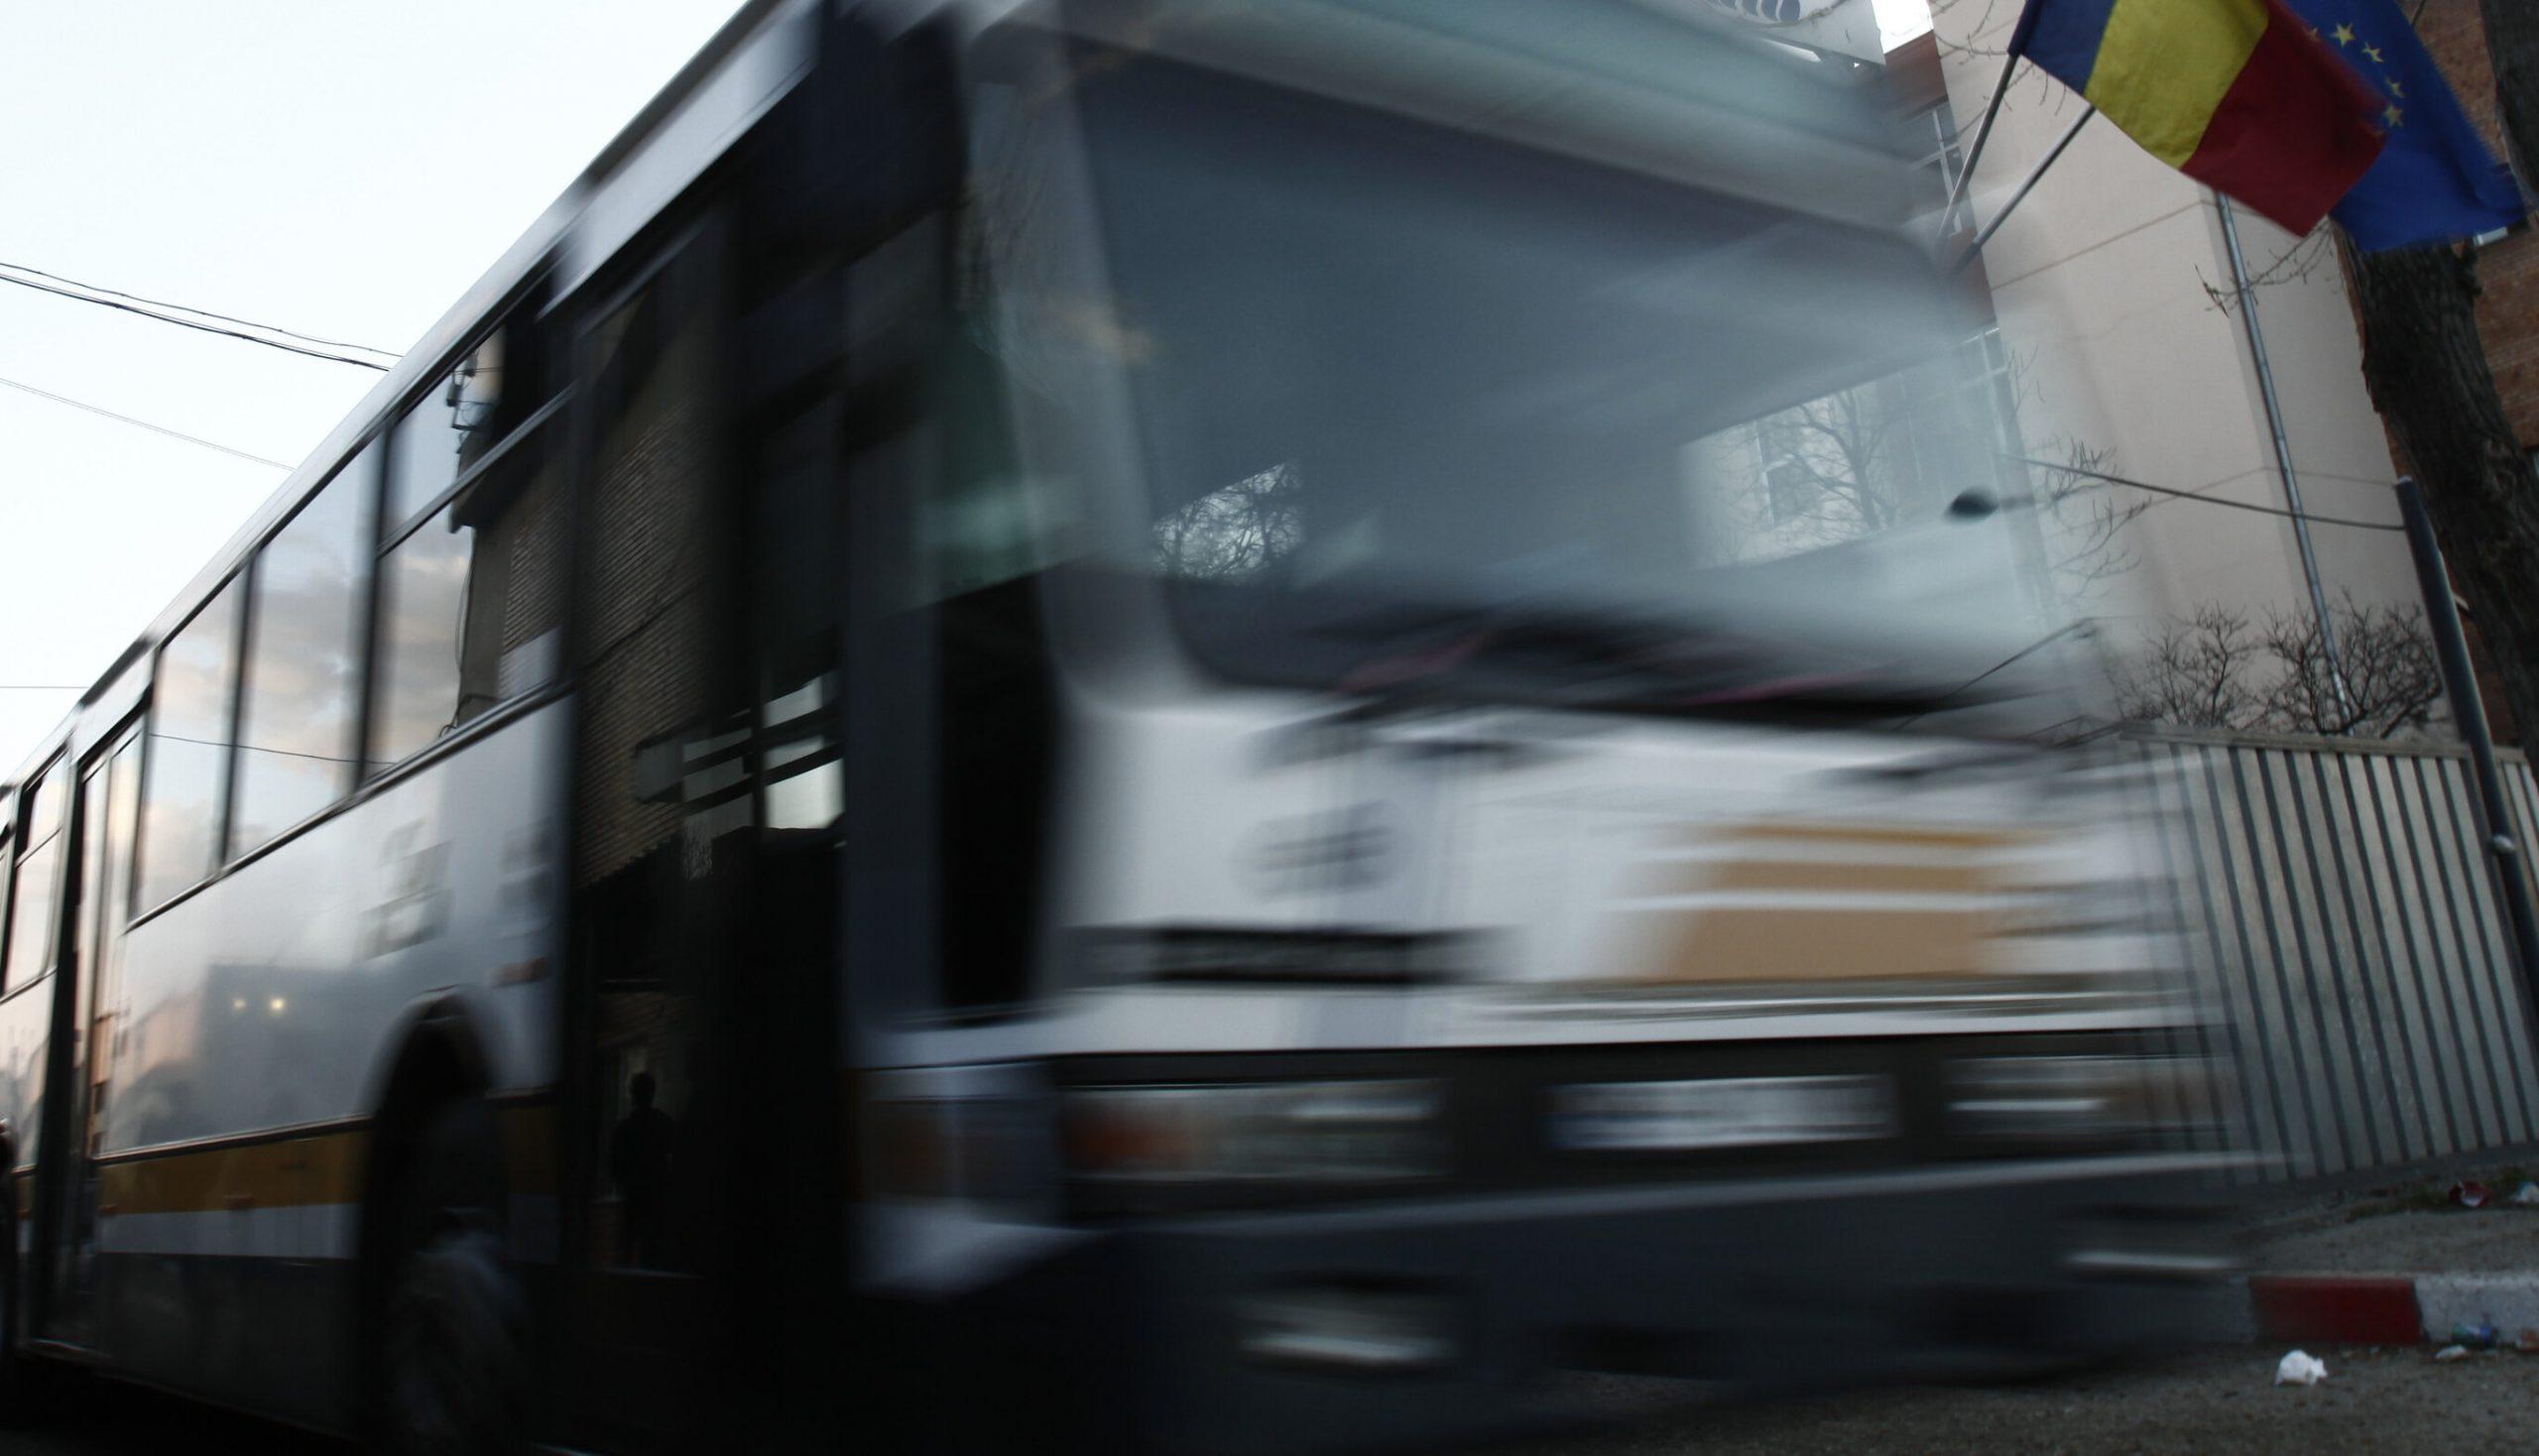 Șoferul autobuzului care a lovit o adolescentă de 15 ani, surprins urcându-se cu o bere la volan